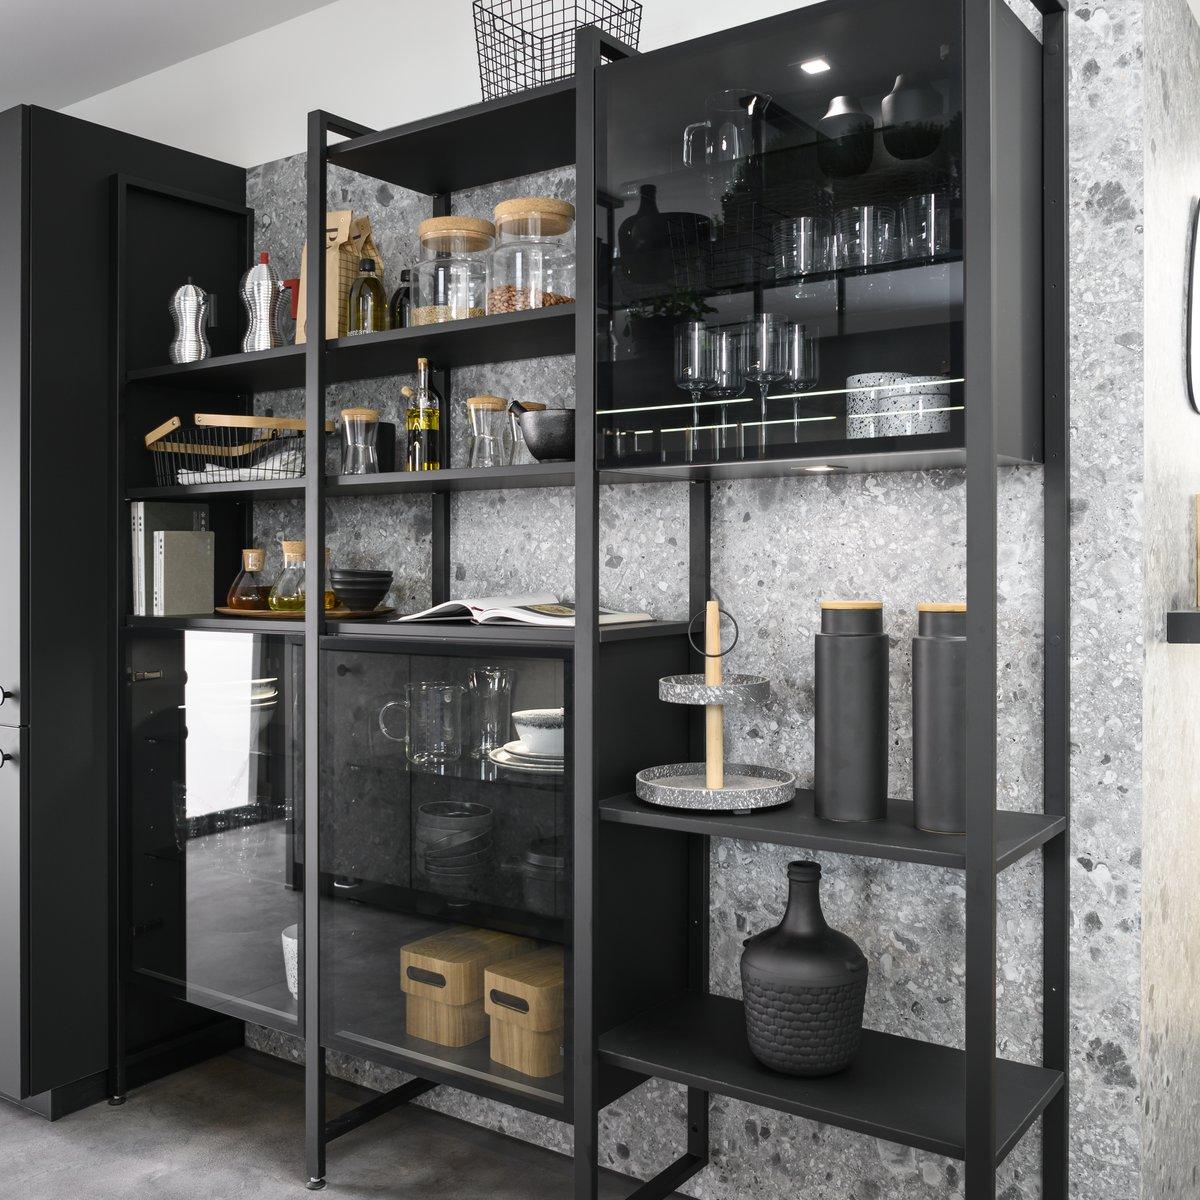 Etagères métalliques noires de cuisine avec vitrines fumées